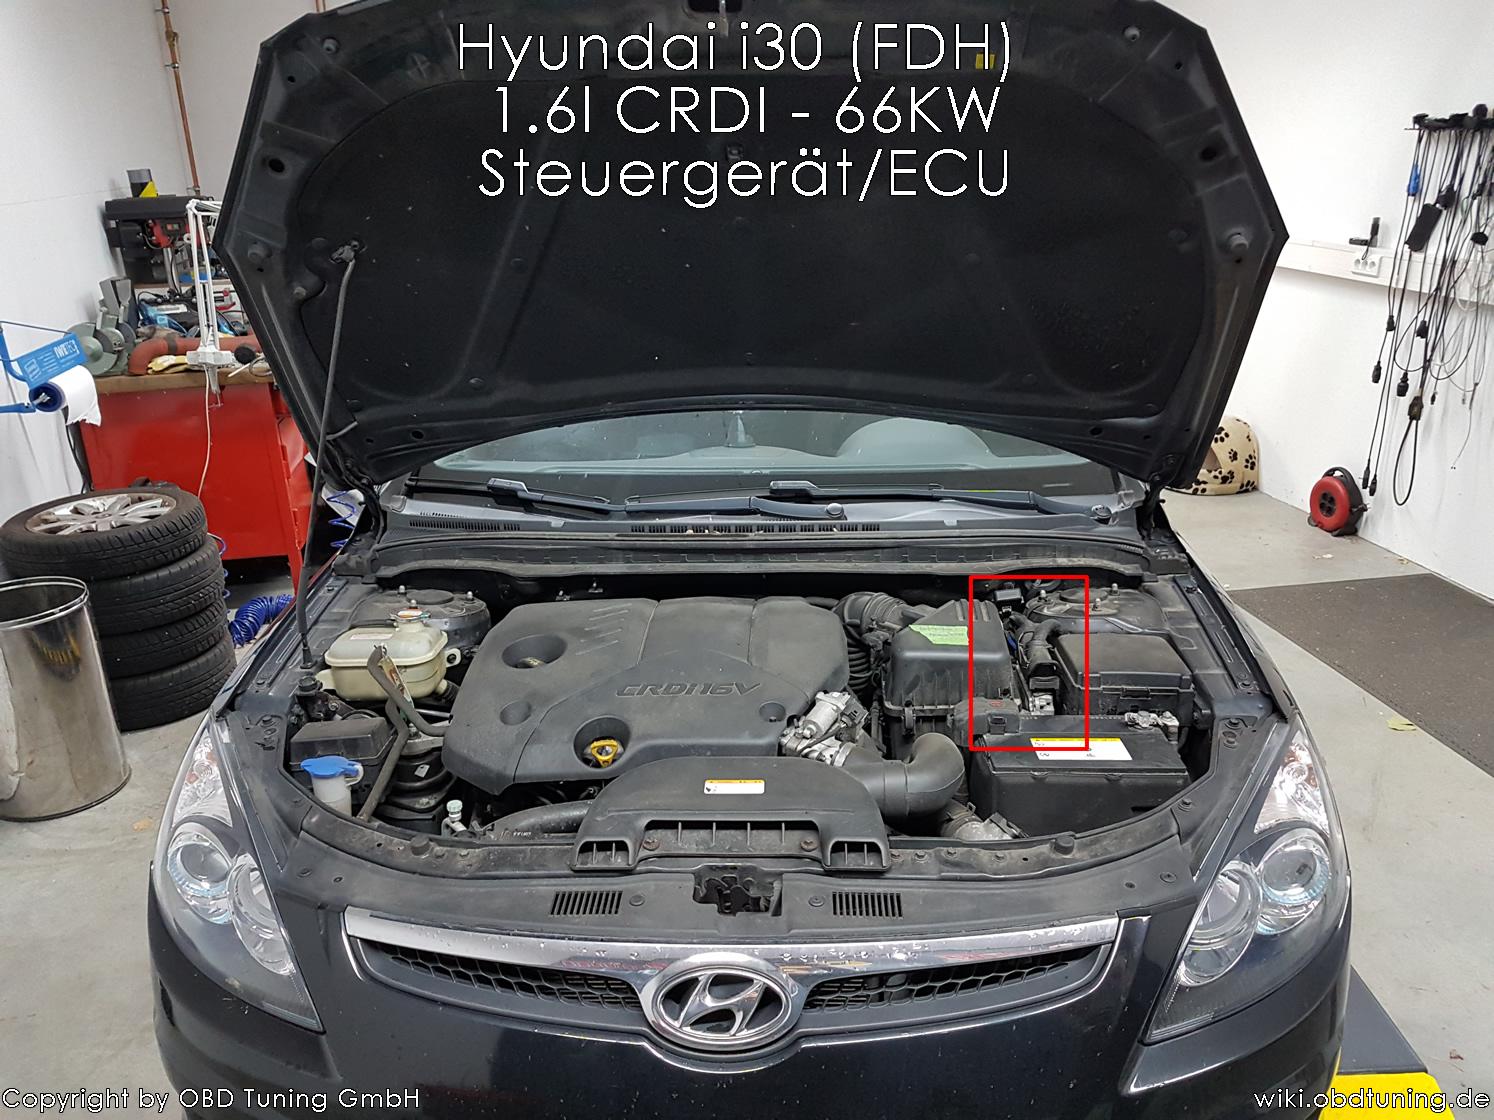 Datei:Hyundai i30 FDH ECU 01 jpg – OBD Tuning Wiki